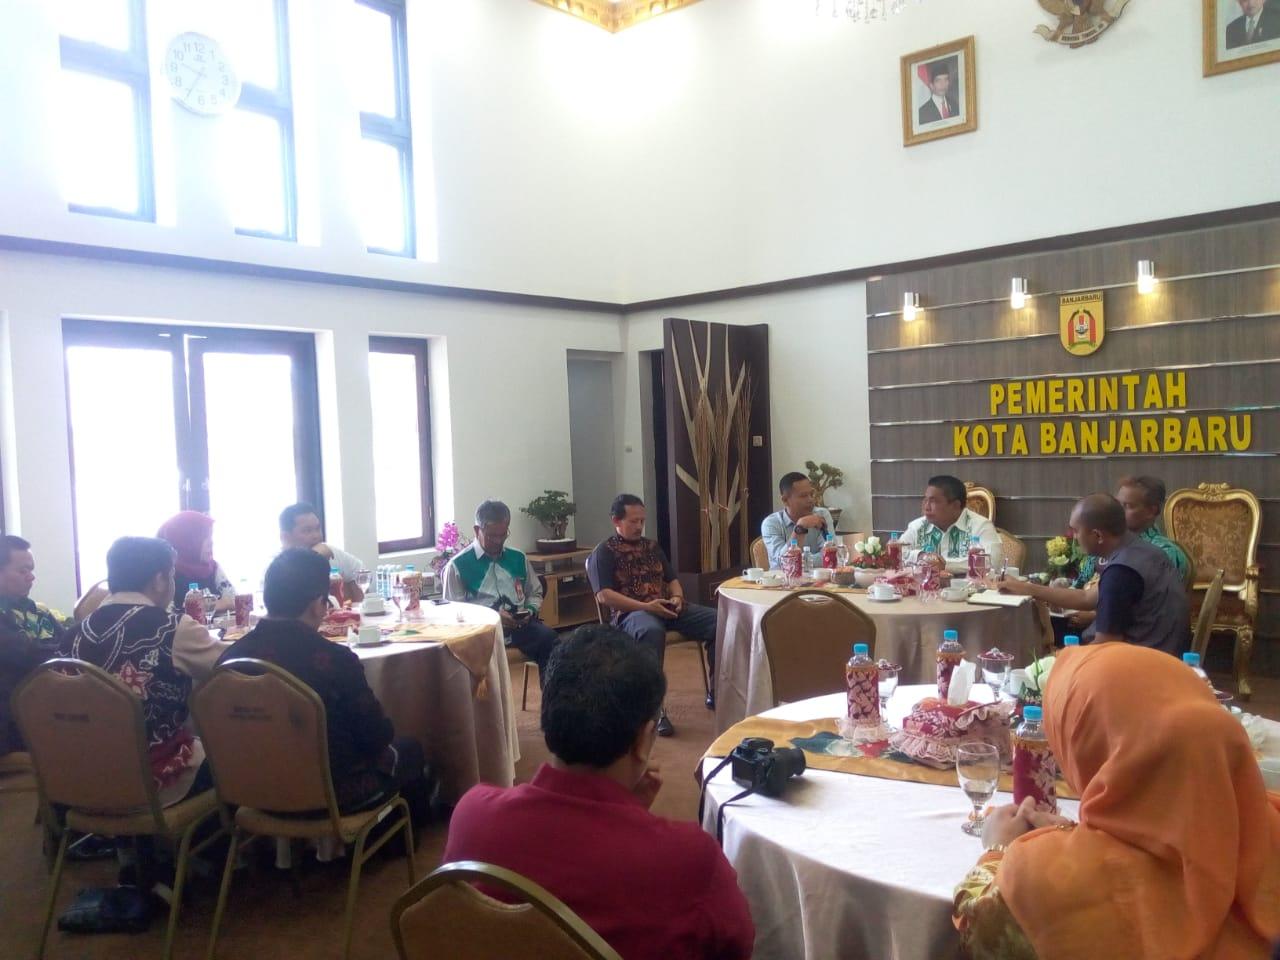 Jelang Pemilu Pemko Dan Kpu Banjarbaru Adakan Coffee Morning